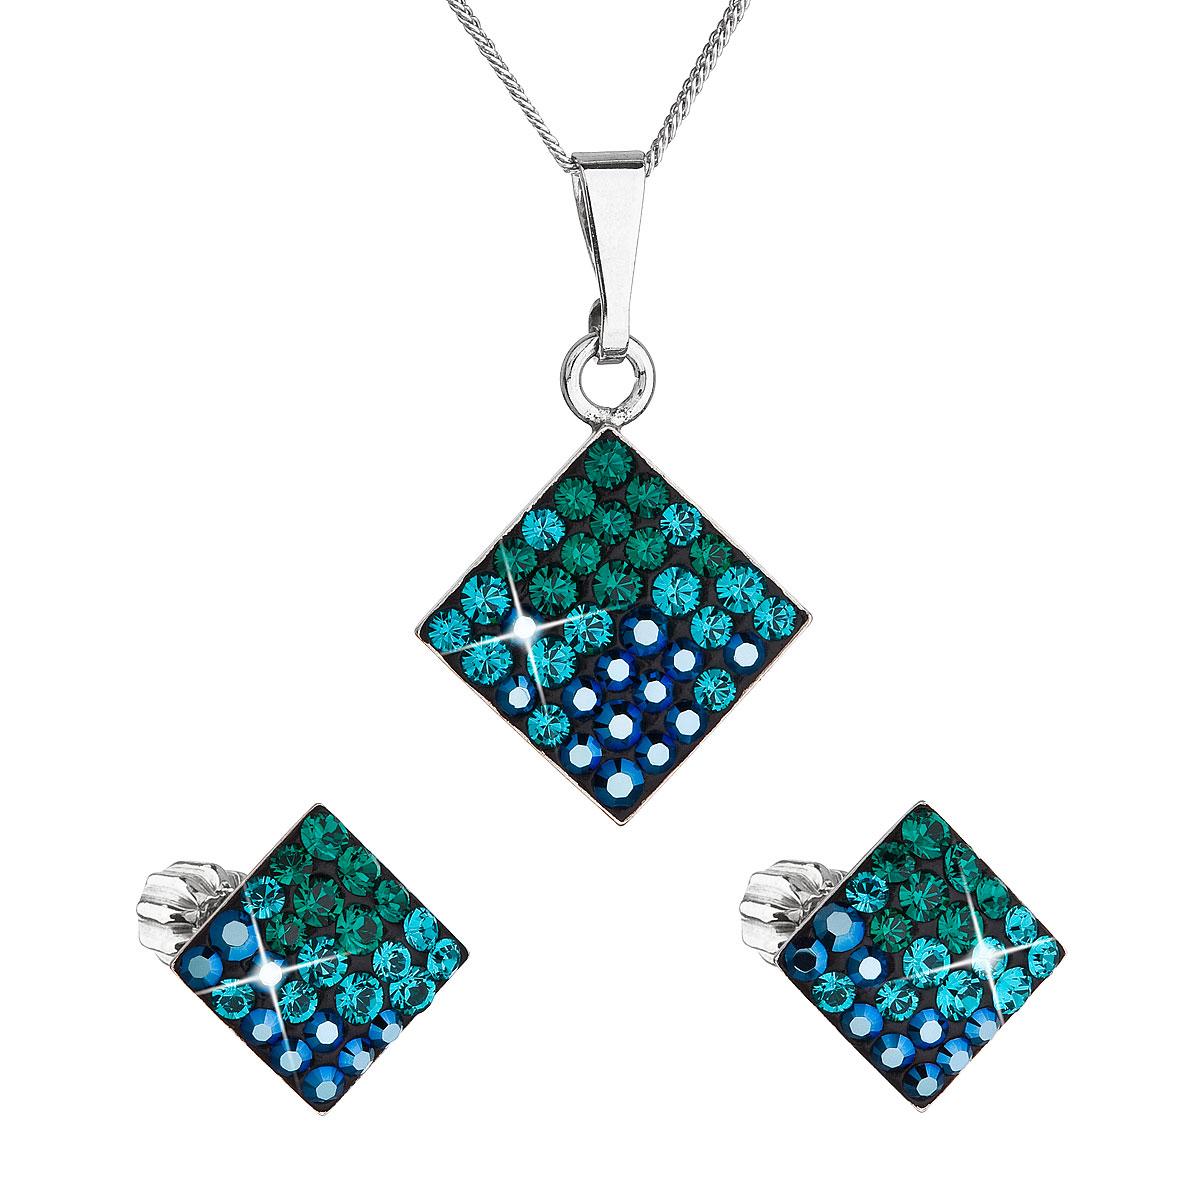 Sada šperkov s krištálmi Swarovski náušnice, retiazka a prívesok zelený kosoštvorec 39126.3 magic green